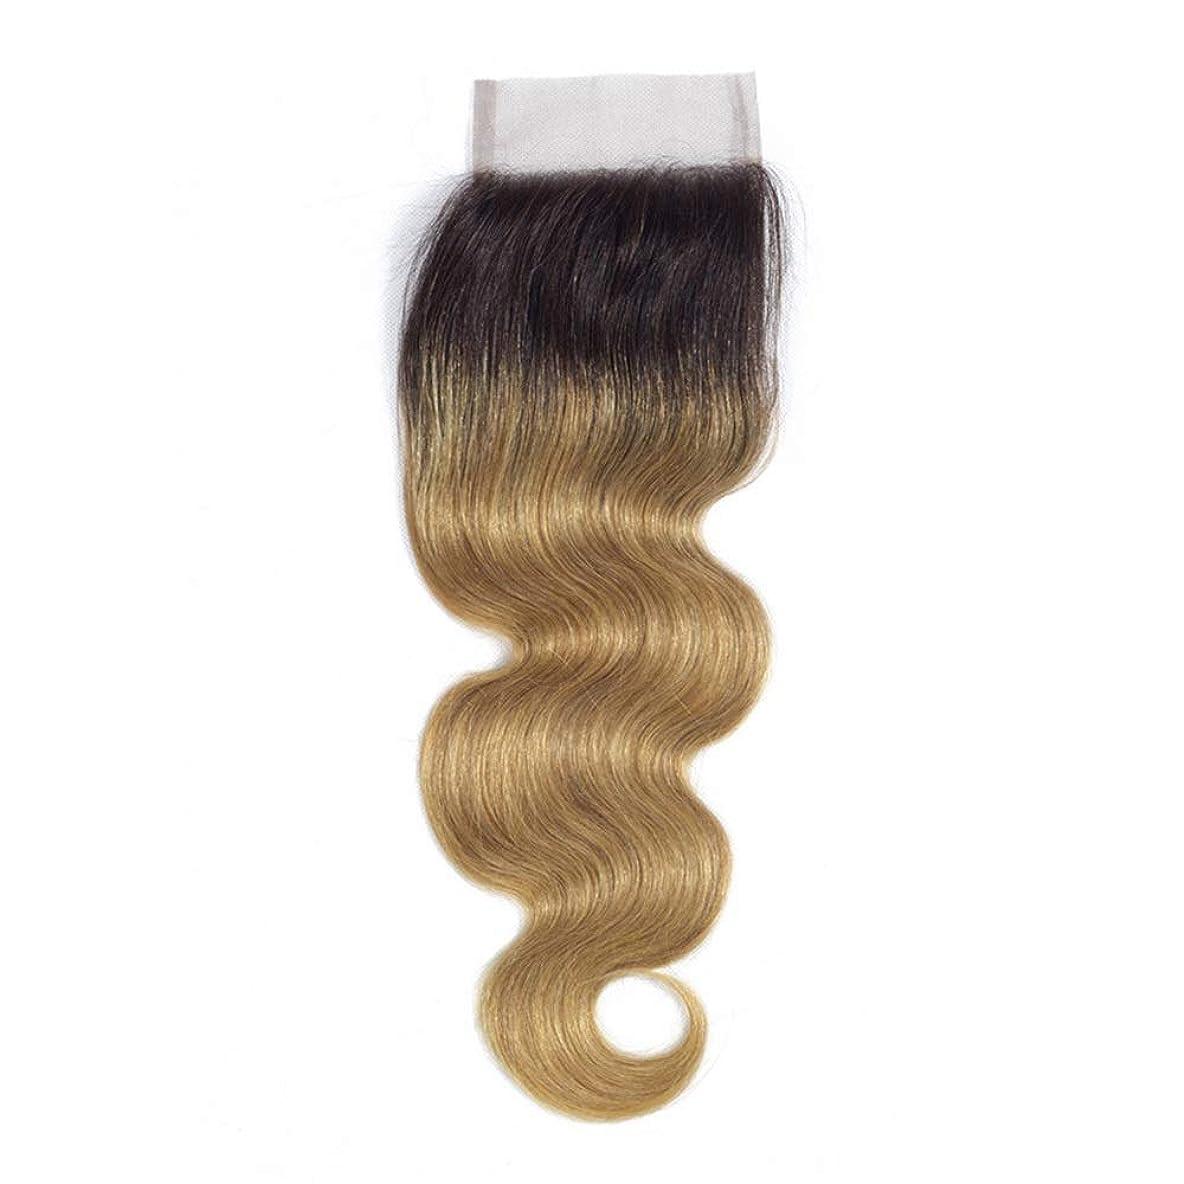 乞食全国もつれBOBIDYEE 人間の髪織りバンドルナチュラルヘアエクステンション横糸 - ボディウェーブ - ナチュラルブラックカラー(1バンドル、100g)ロングカーリーウィッグ (色 : ブラウン, サイズ : 8 inch)